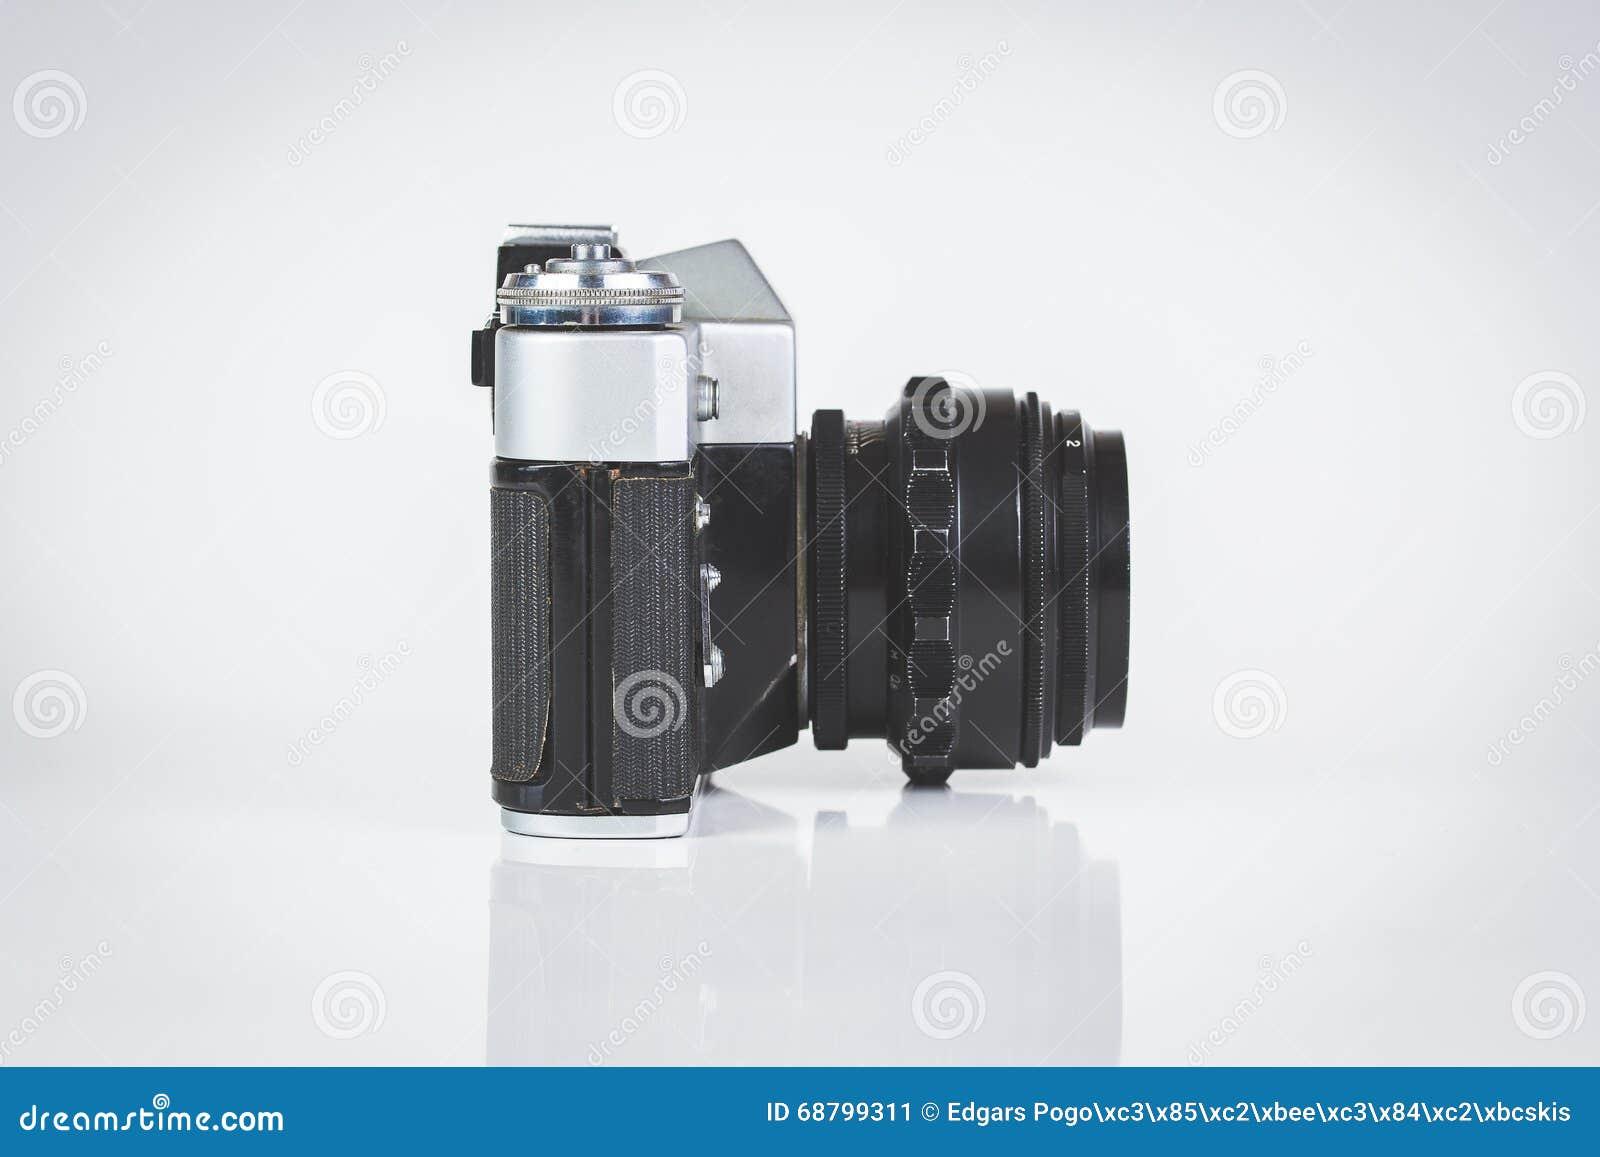 Retro camera die op wit wordt geïsoleerde